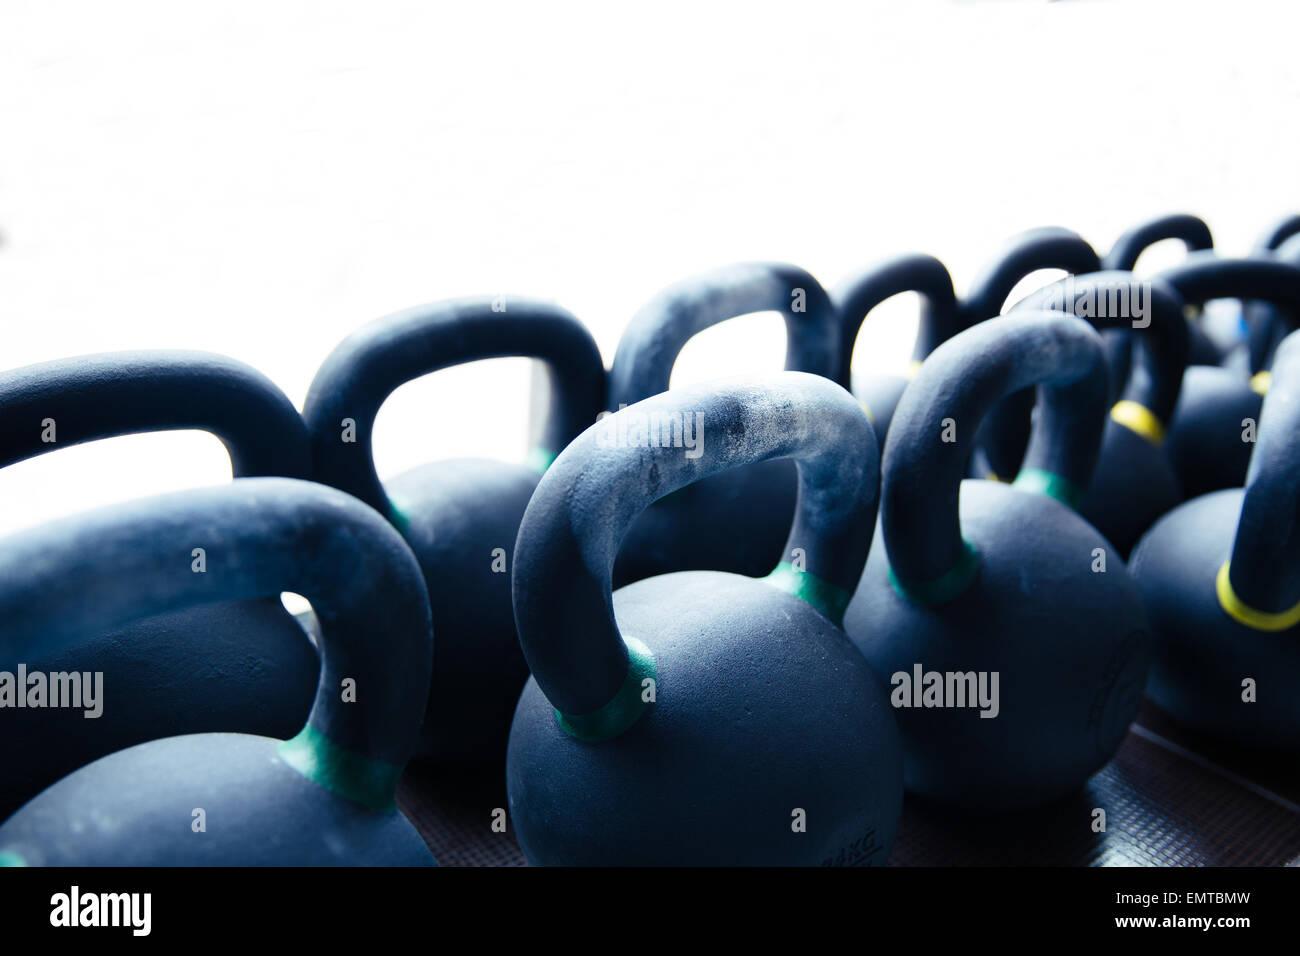 Primer plano de la imagen de una hervidora bolas Imagen De Stock